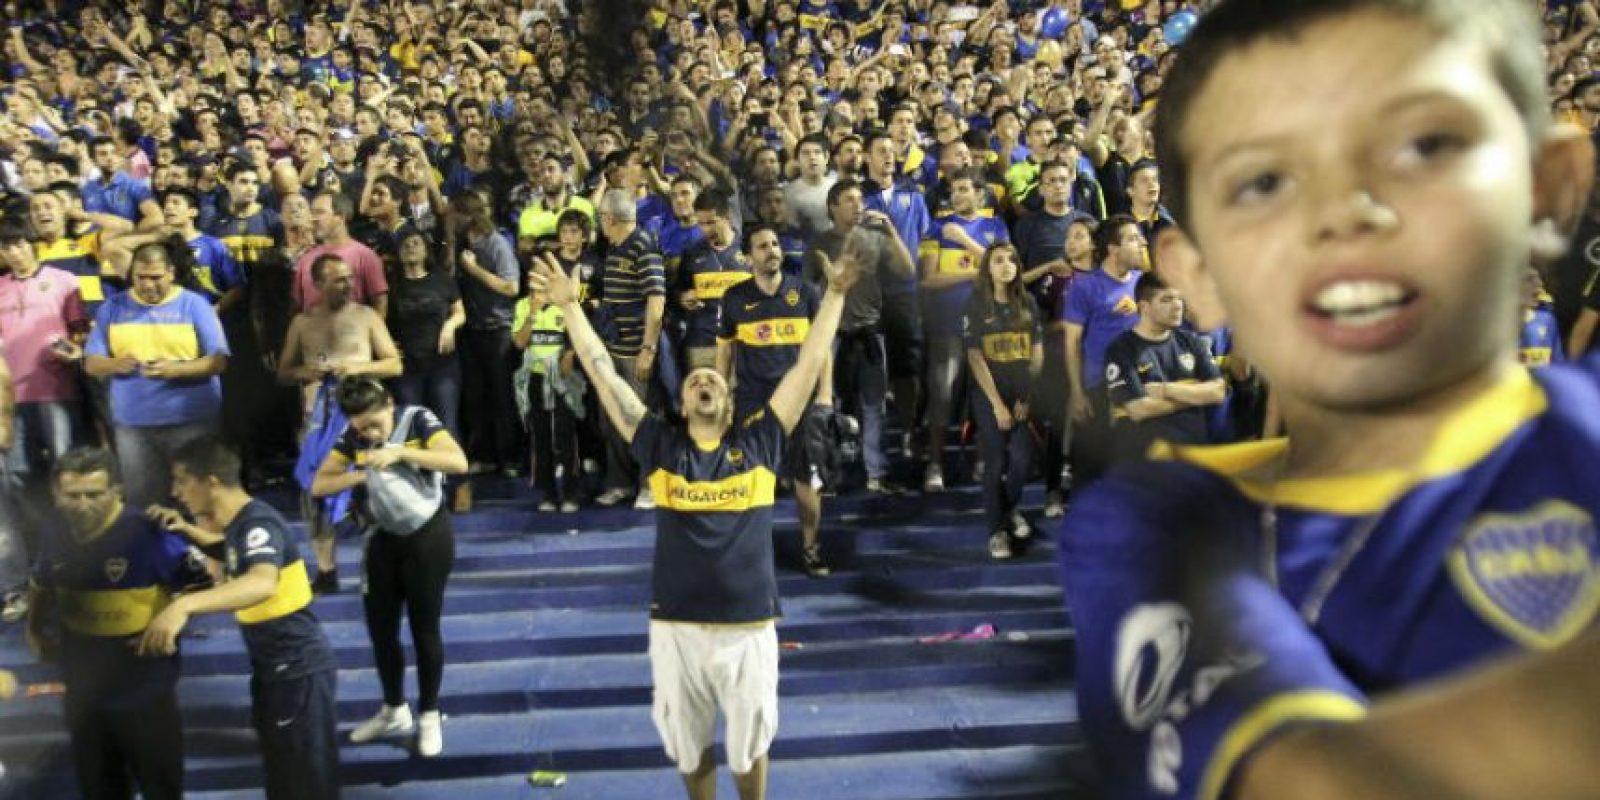 Así recibió la afición del Boca Juniors a su equipo en La Bombonera, en el clásico ante River Plate. Foto:EFE